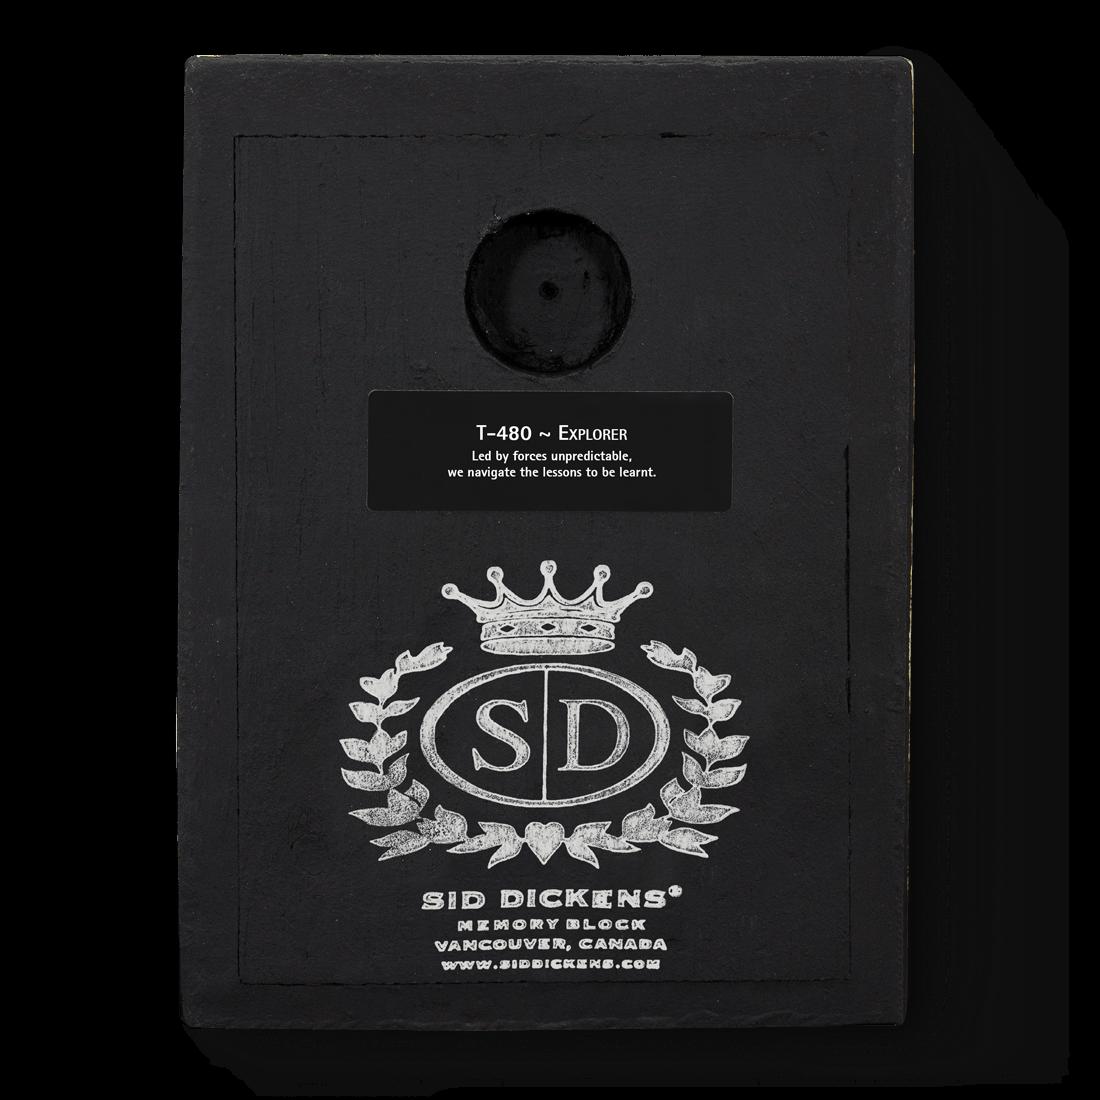 T380 - Explorer - Memory Block Sid Dickens